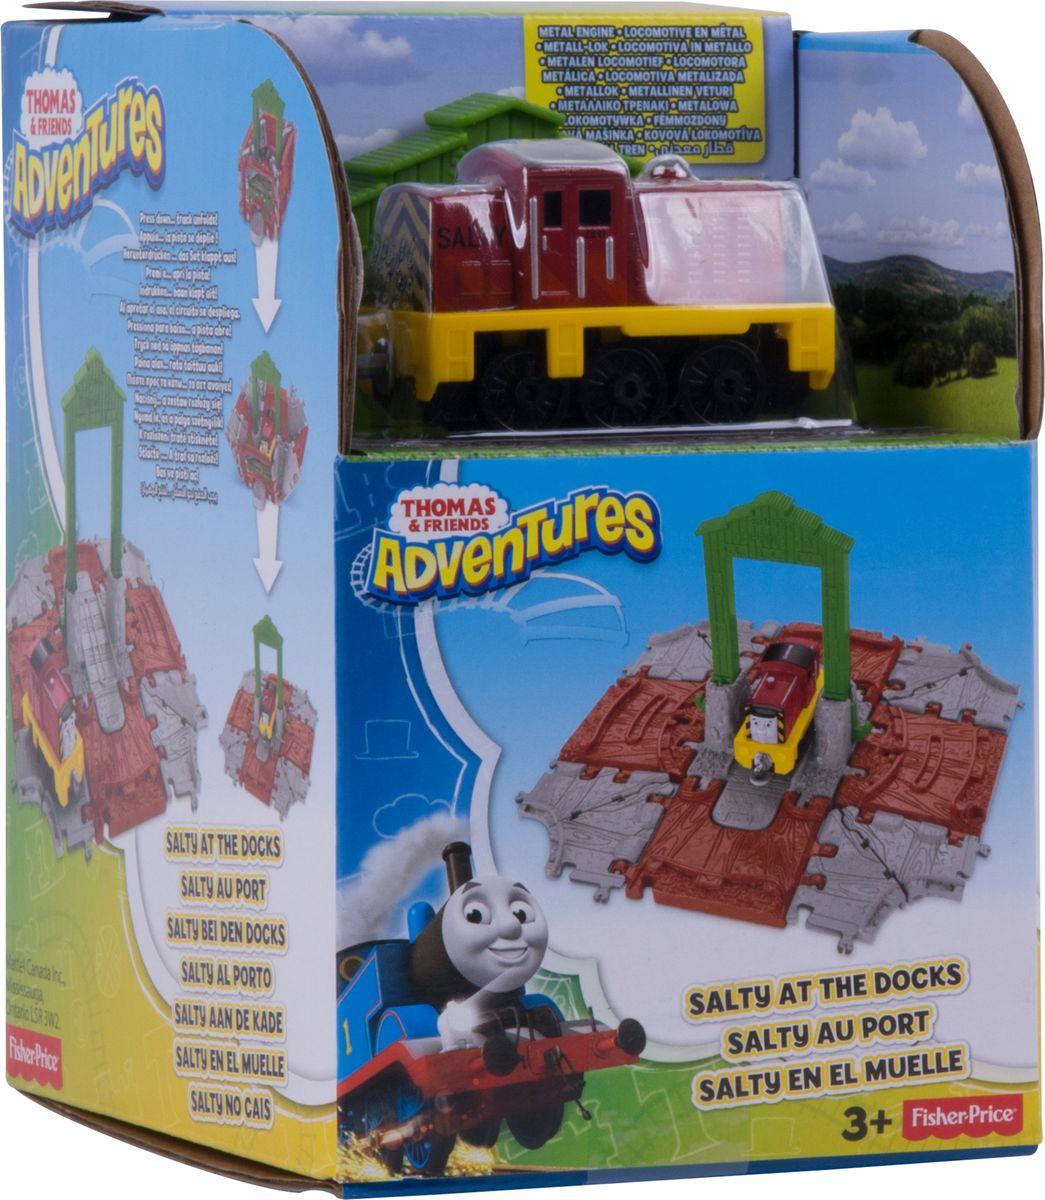 Thomas & Friends Железная дорога Куб Солти